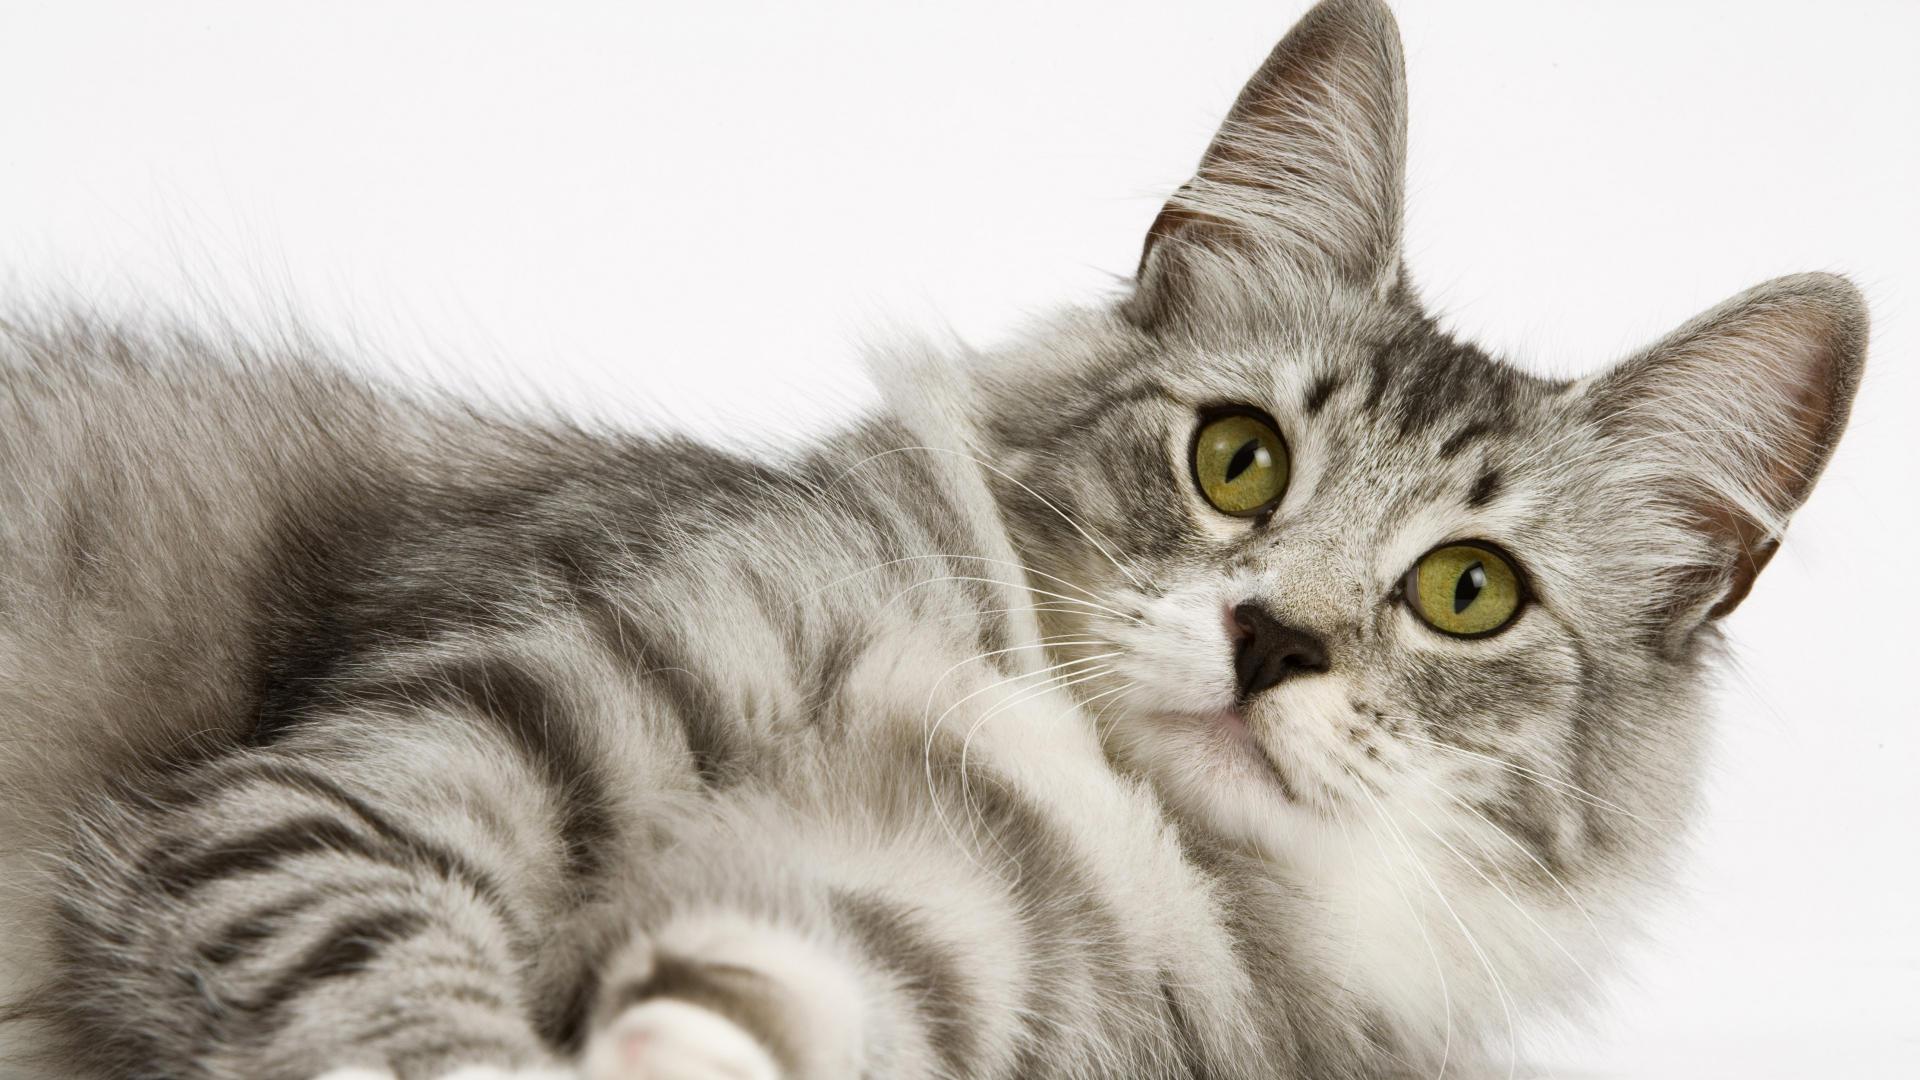 Cat Wallpaper 7